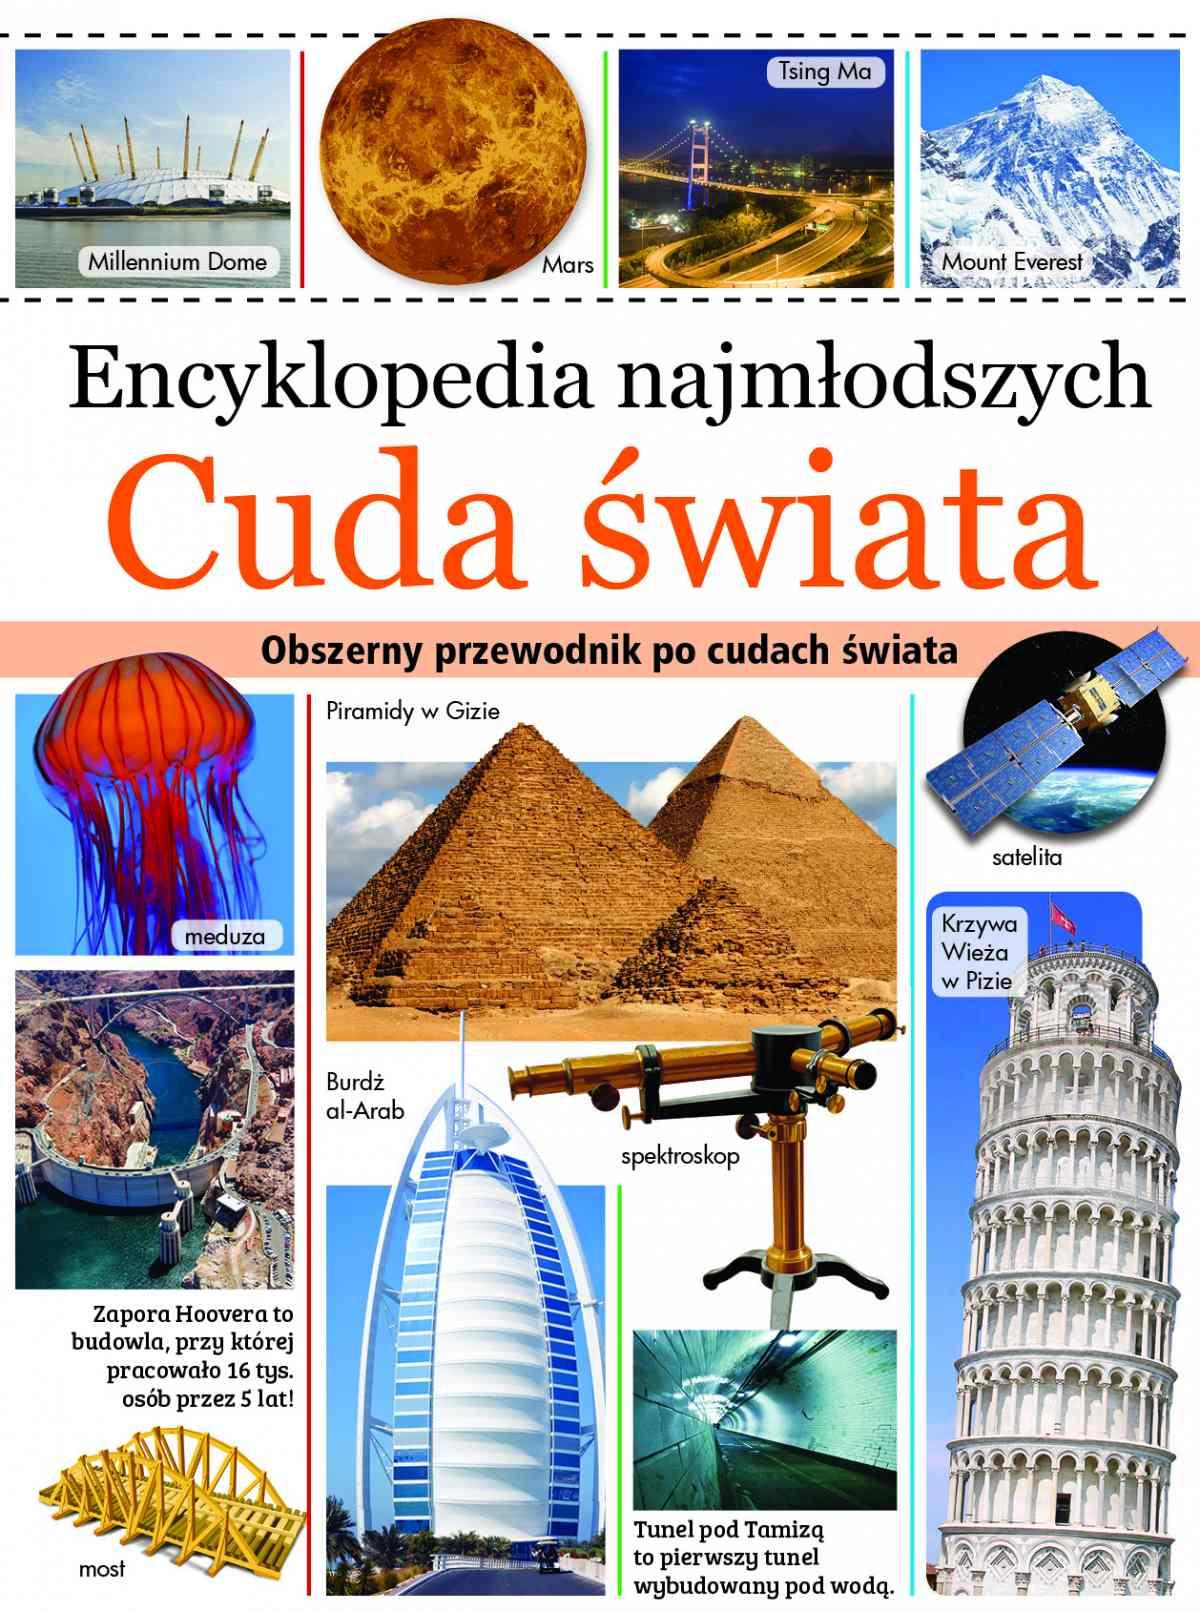 Encyklopedia najmłodszych. Cuda świata - Ebook (Książka PDF) do pobrania w formacie PDF